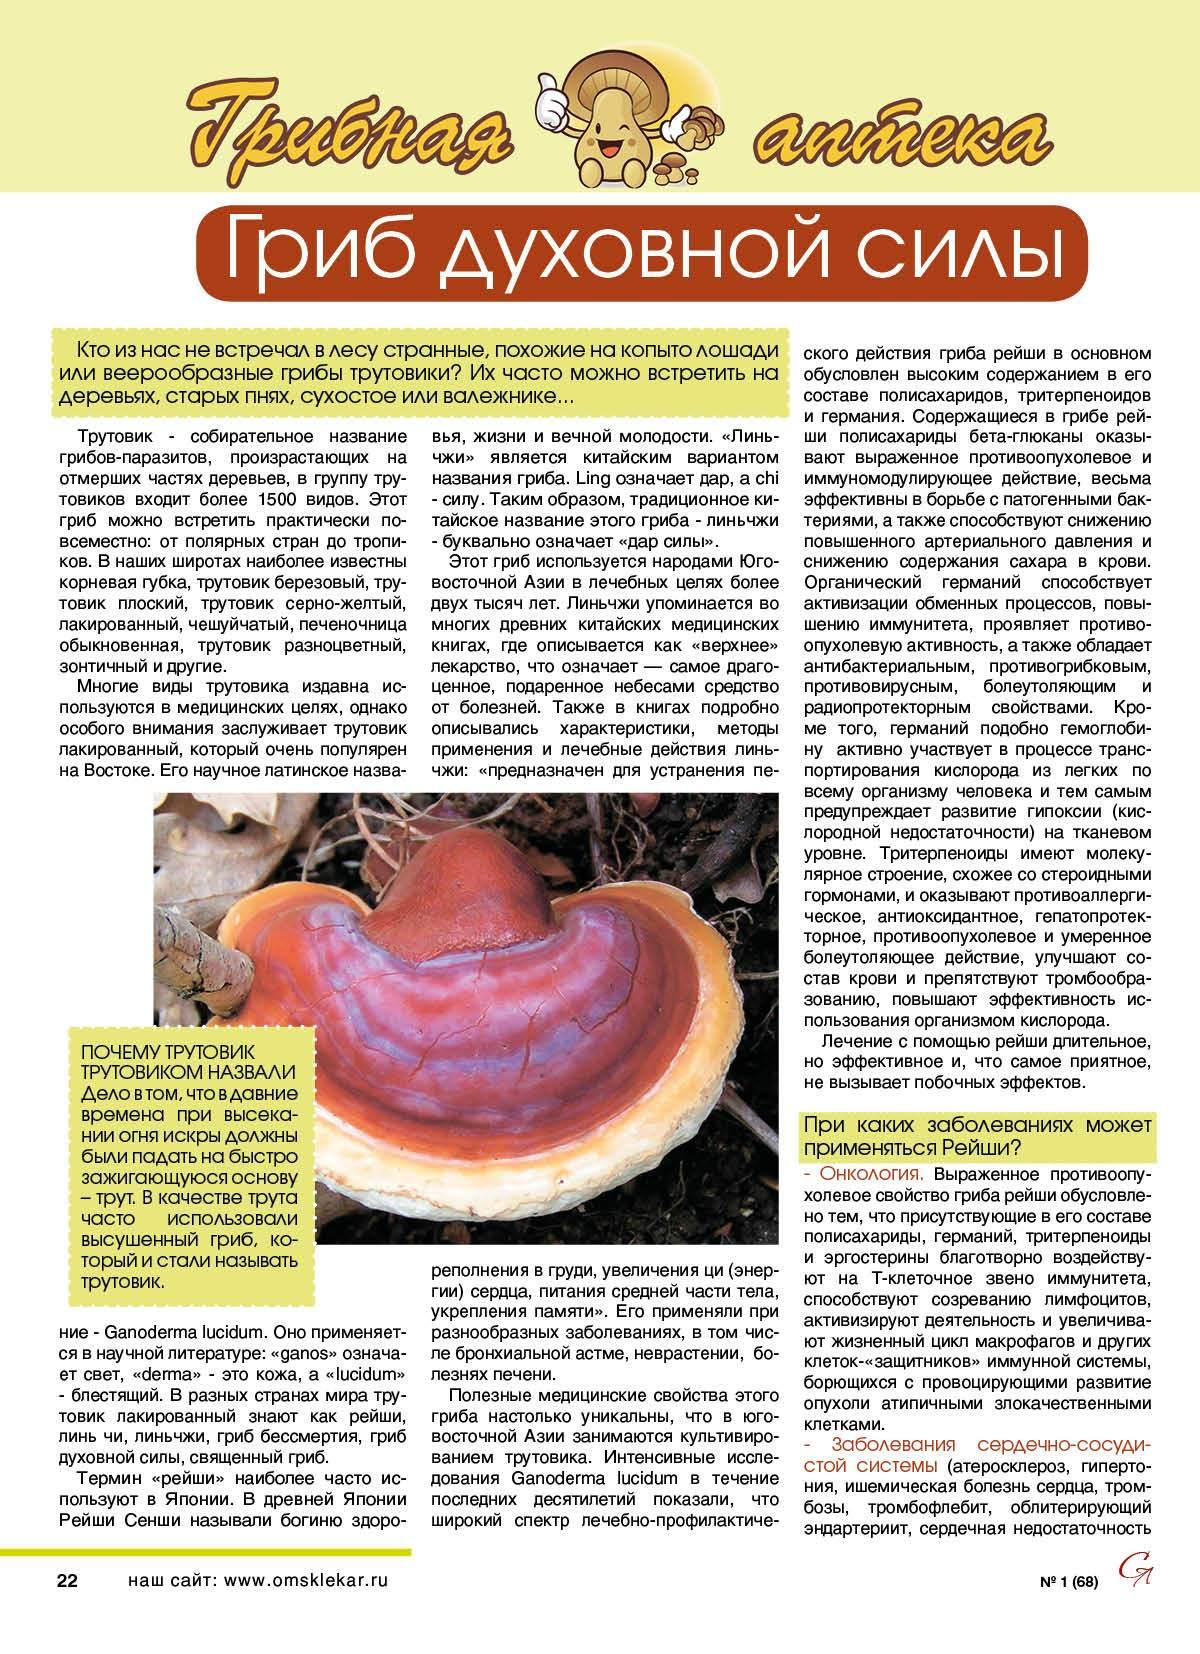 Лечебные свойства гриба рейши и его противопоказания (+17 фото)